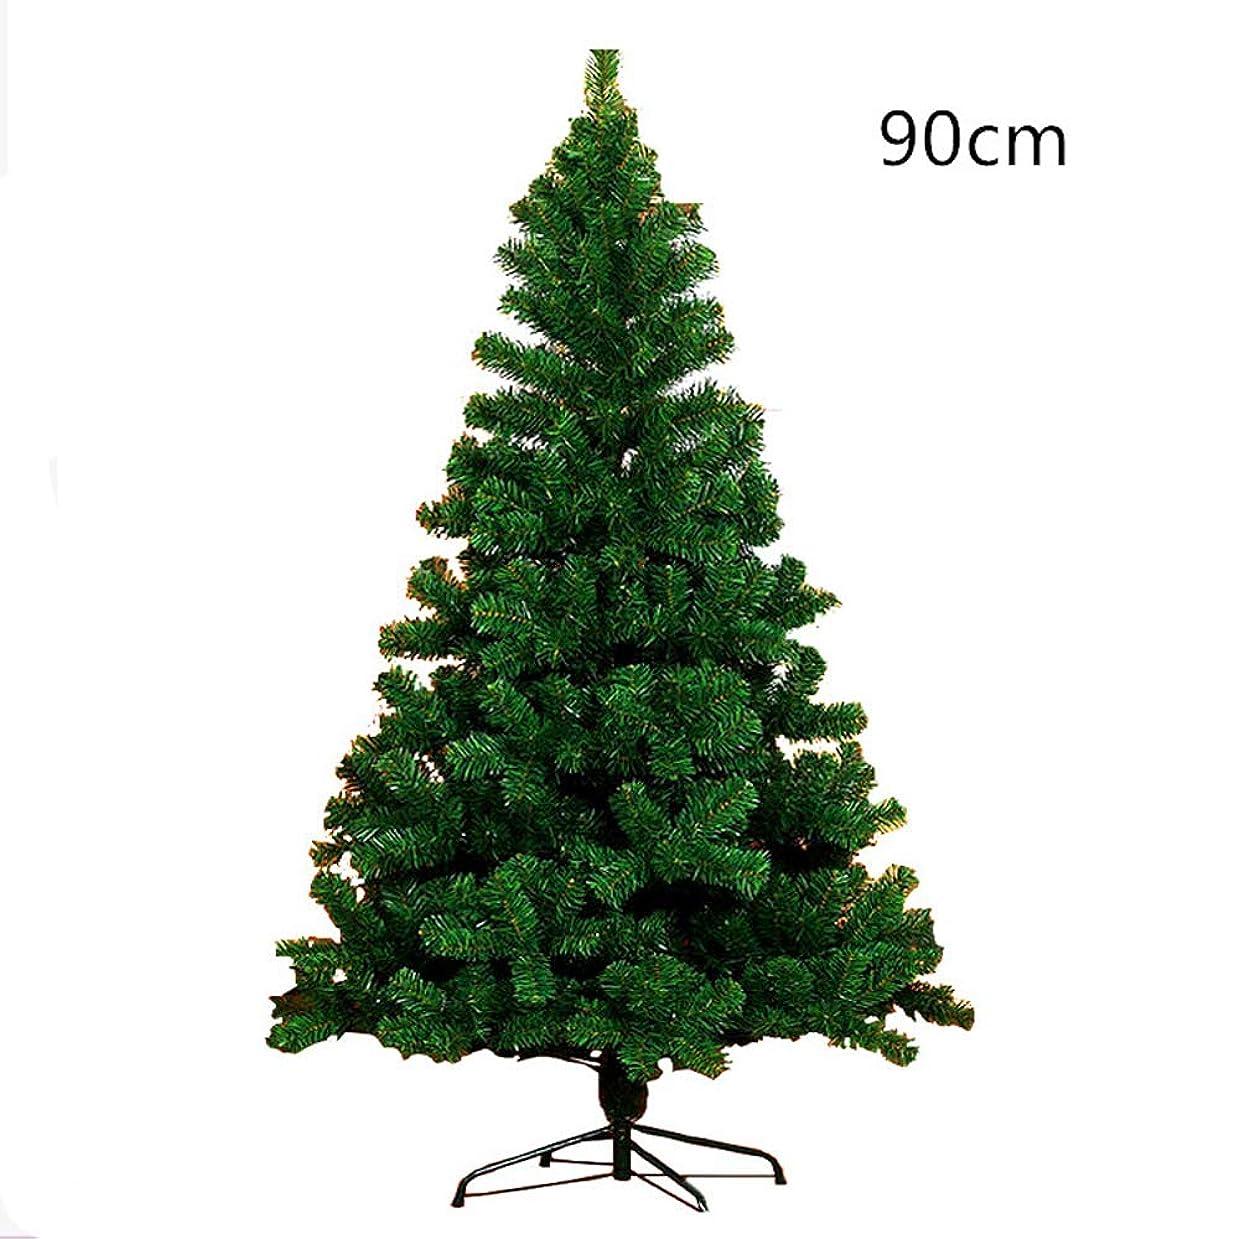 レモン摂氏度配る人工的なクリスマスツリークリスマスホームパーティーDecortaionグリーンミニチュアツリー用プラスチッククリスマスの装飾ホルダーベース,グリーン,90cm